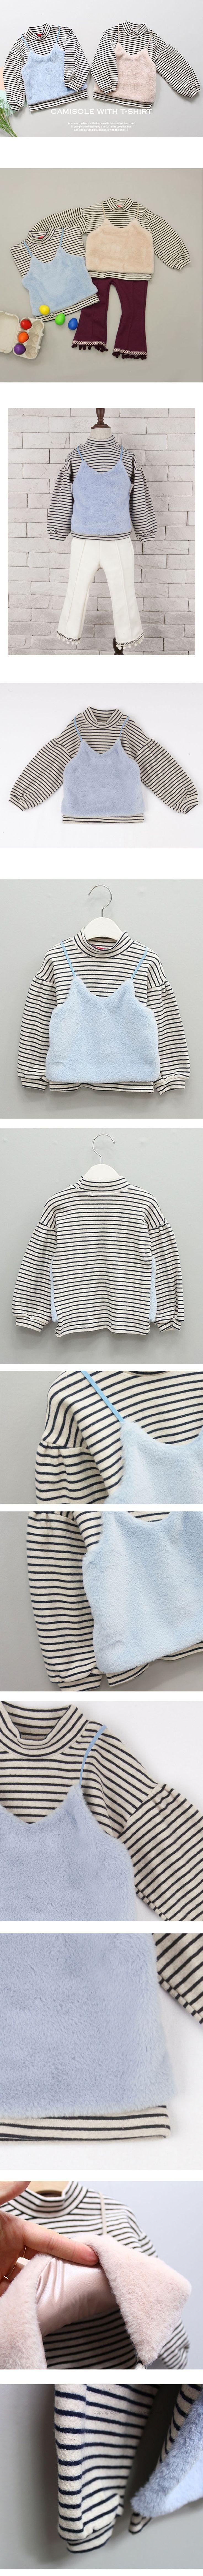 【楽天市場】フワフワボア—ファー キャミ付きTシャツ 韓国子供服Tシャツ オシャレなデザイン キャミソール付き キッズ用 こども服 女の子 90cm 100cm 110cm 120cm 130cm 140cm:Lapin bebe